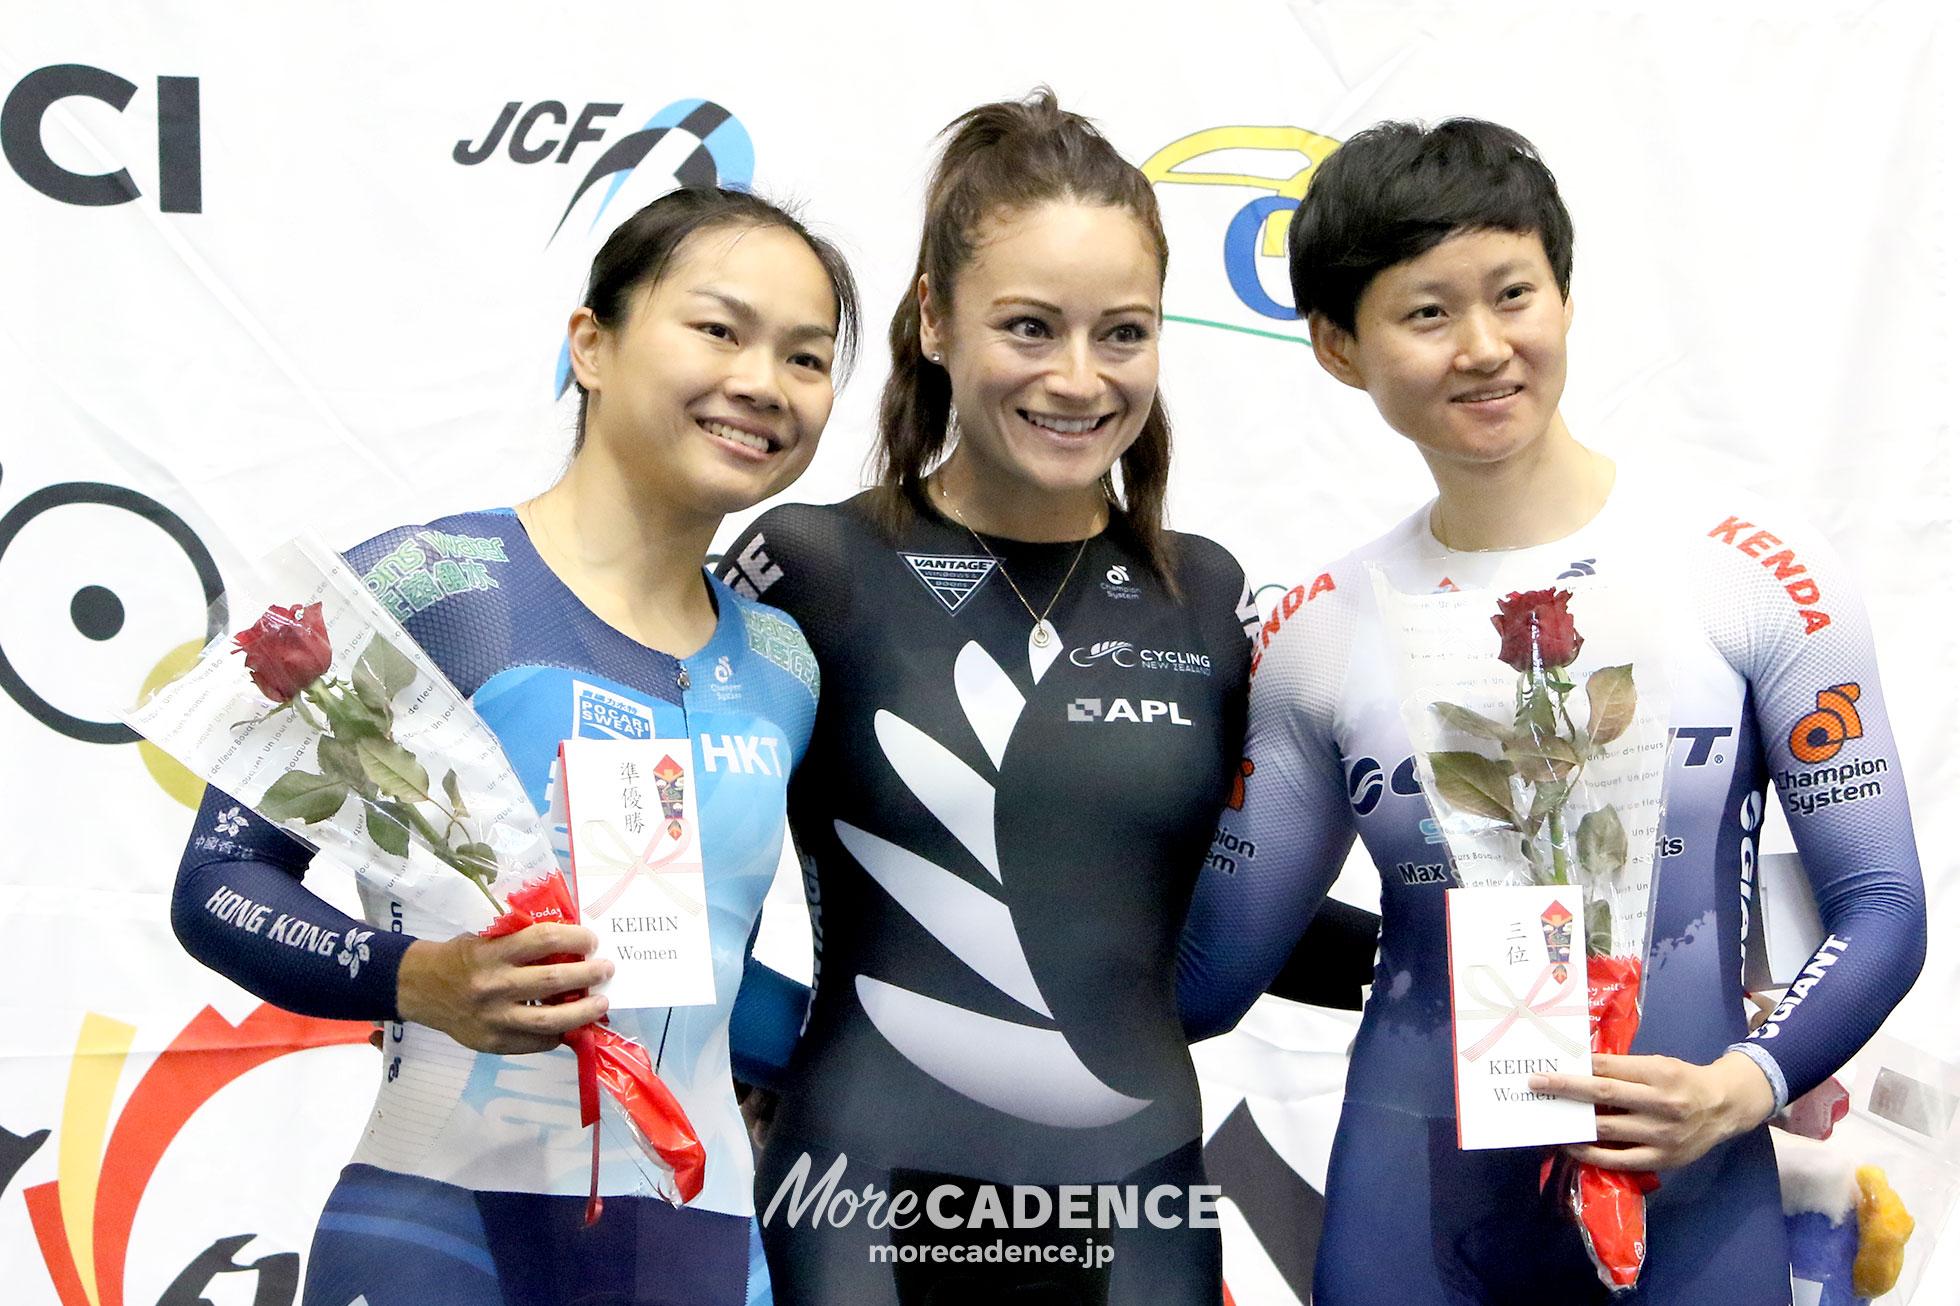 2018ジャパントラックカップⅡ 女子ケイリン 表彰式